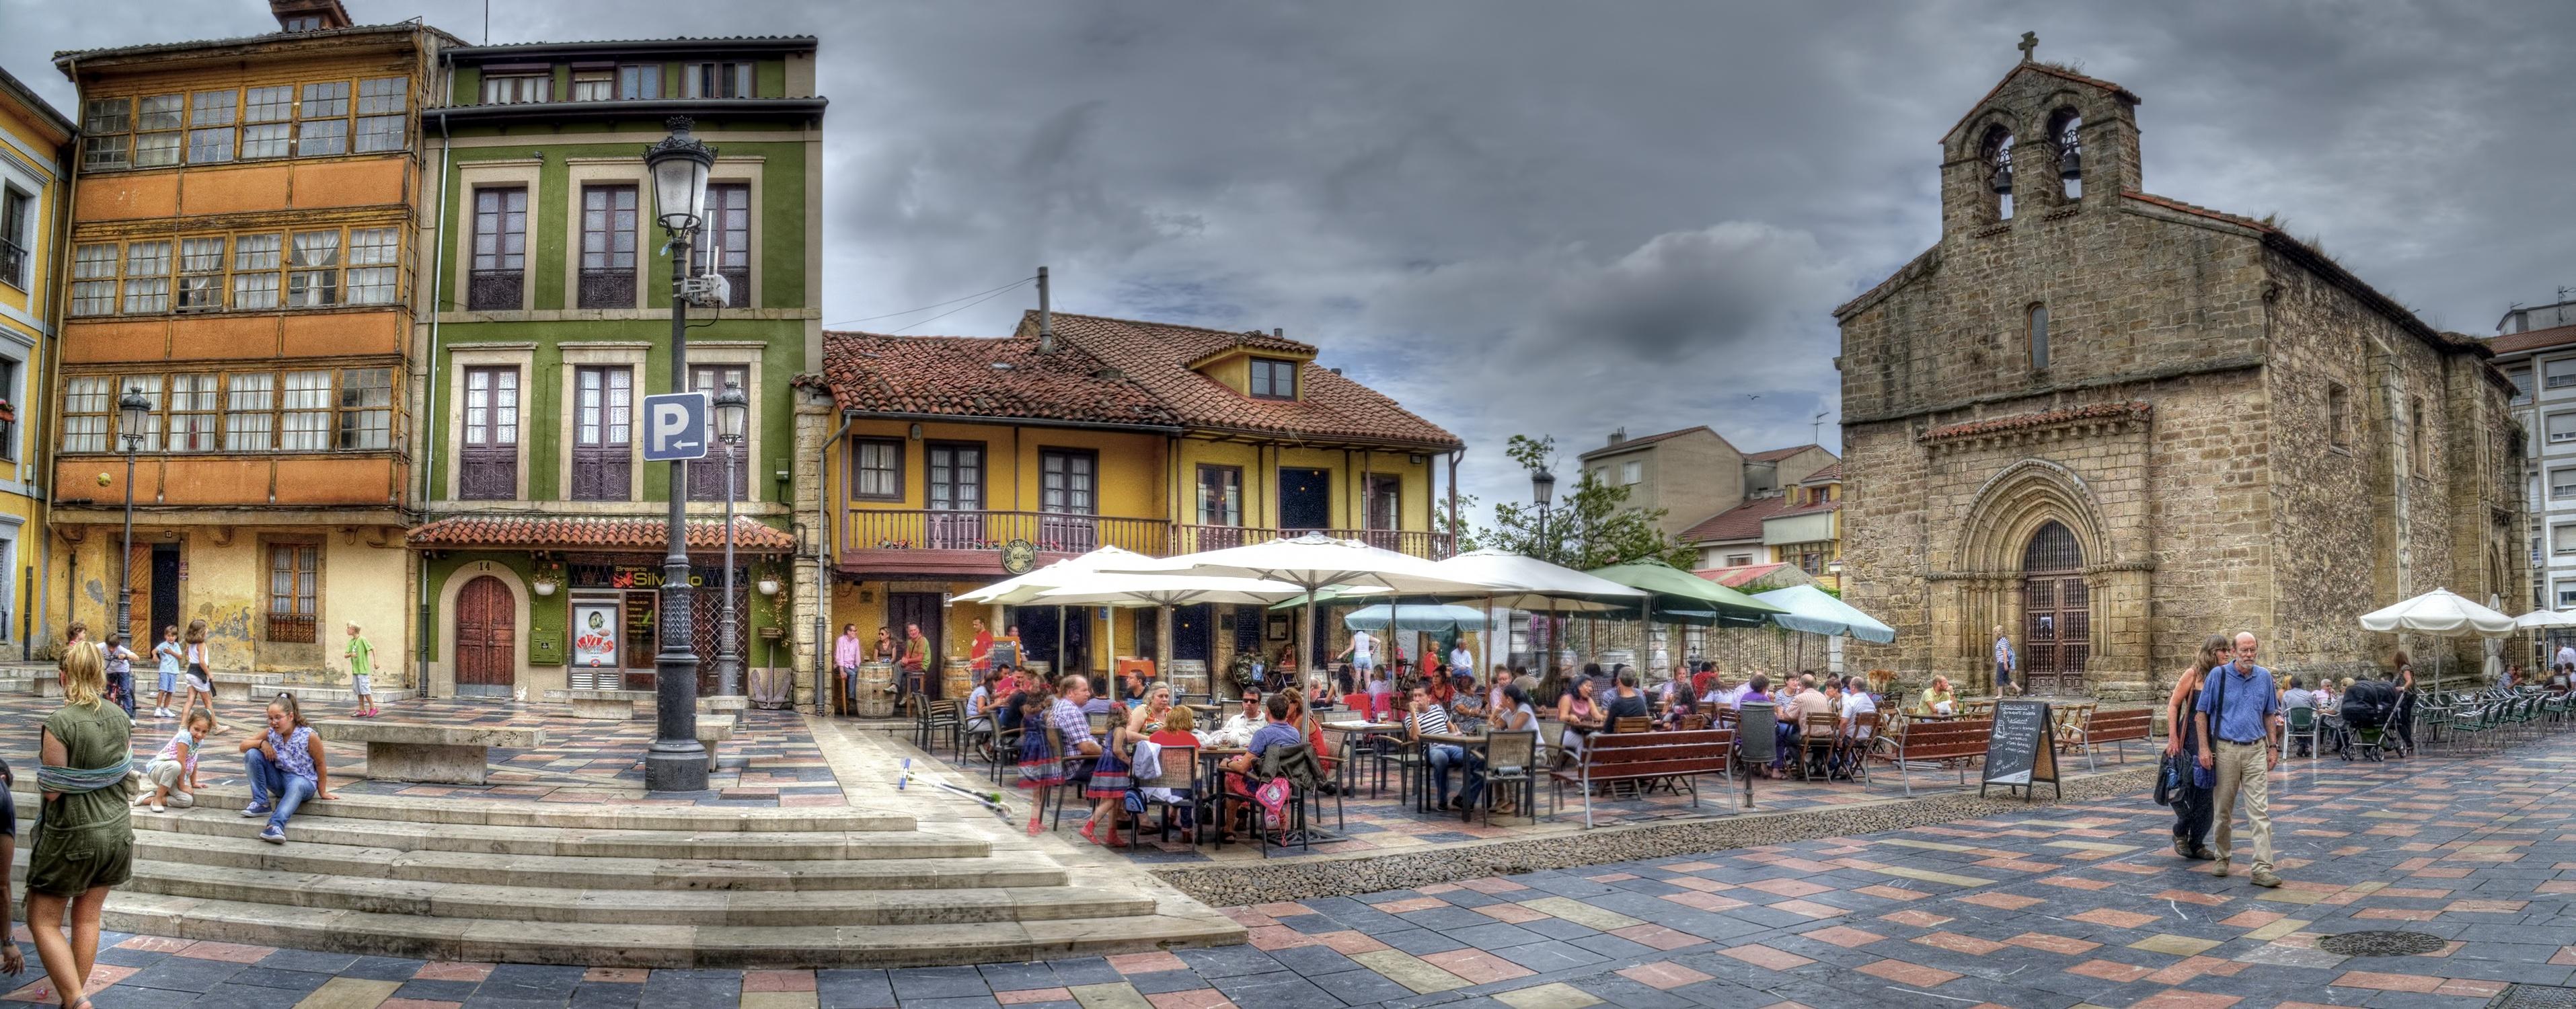 Plaza de Sabugo e iglesia vieja.jpg